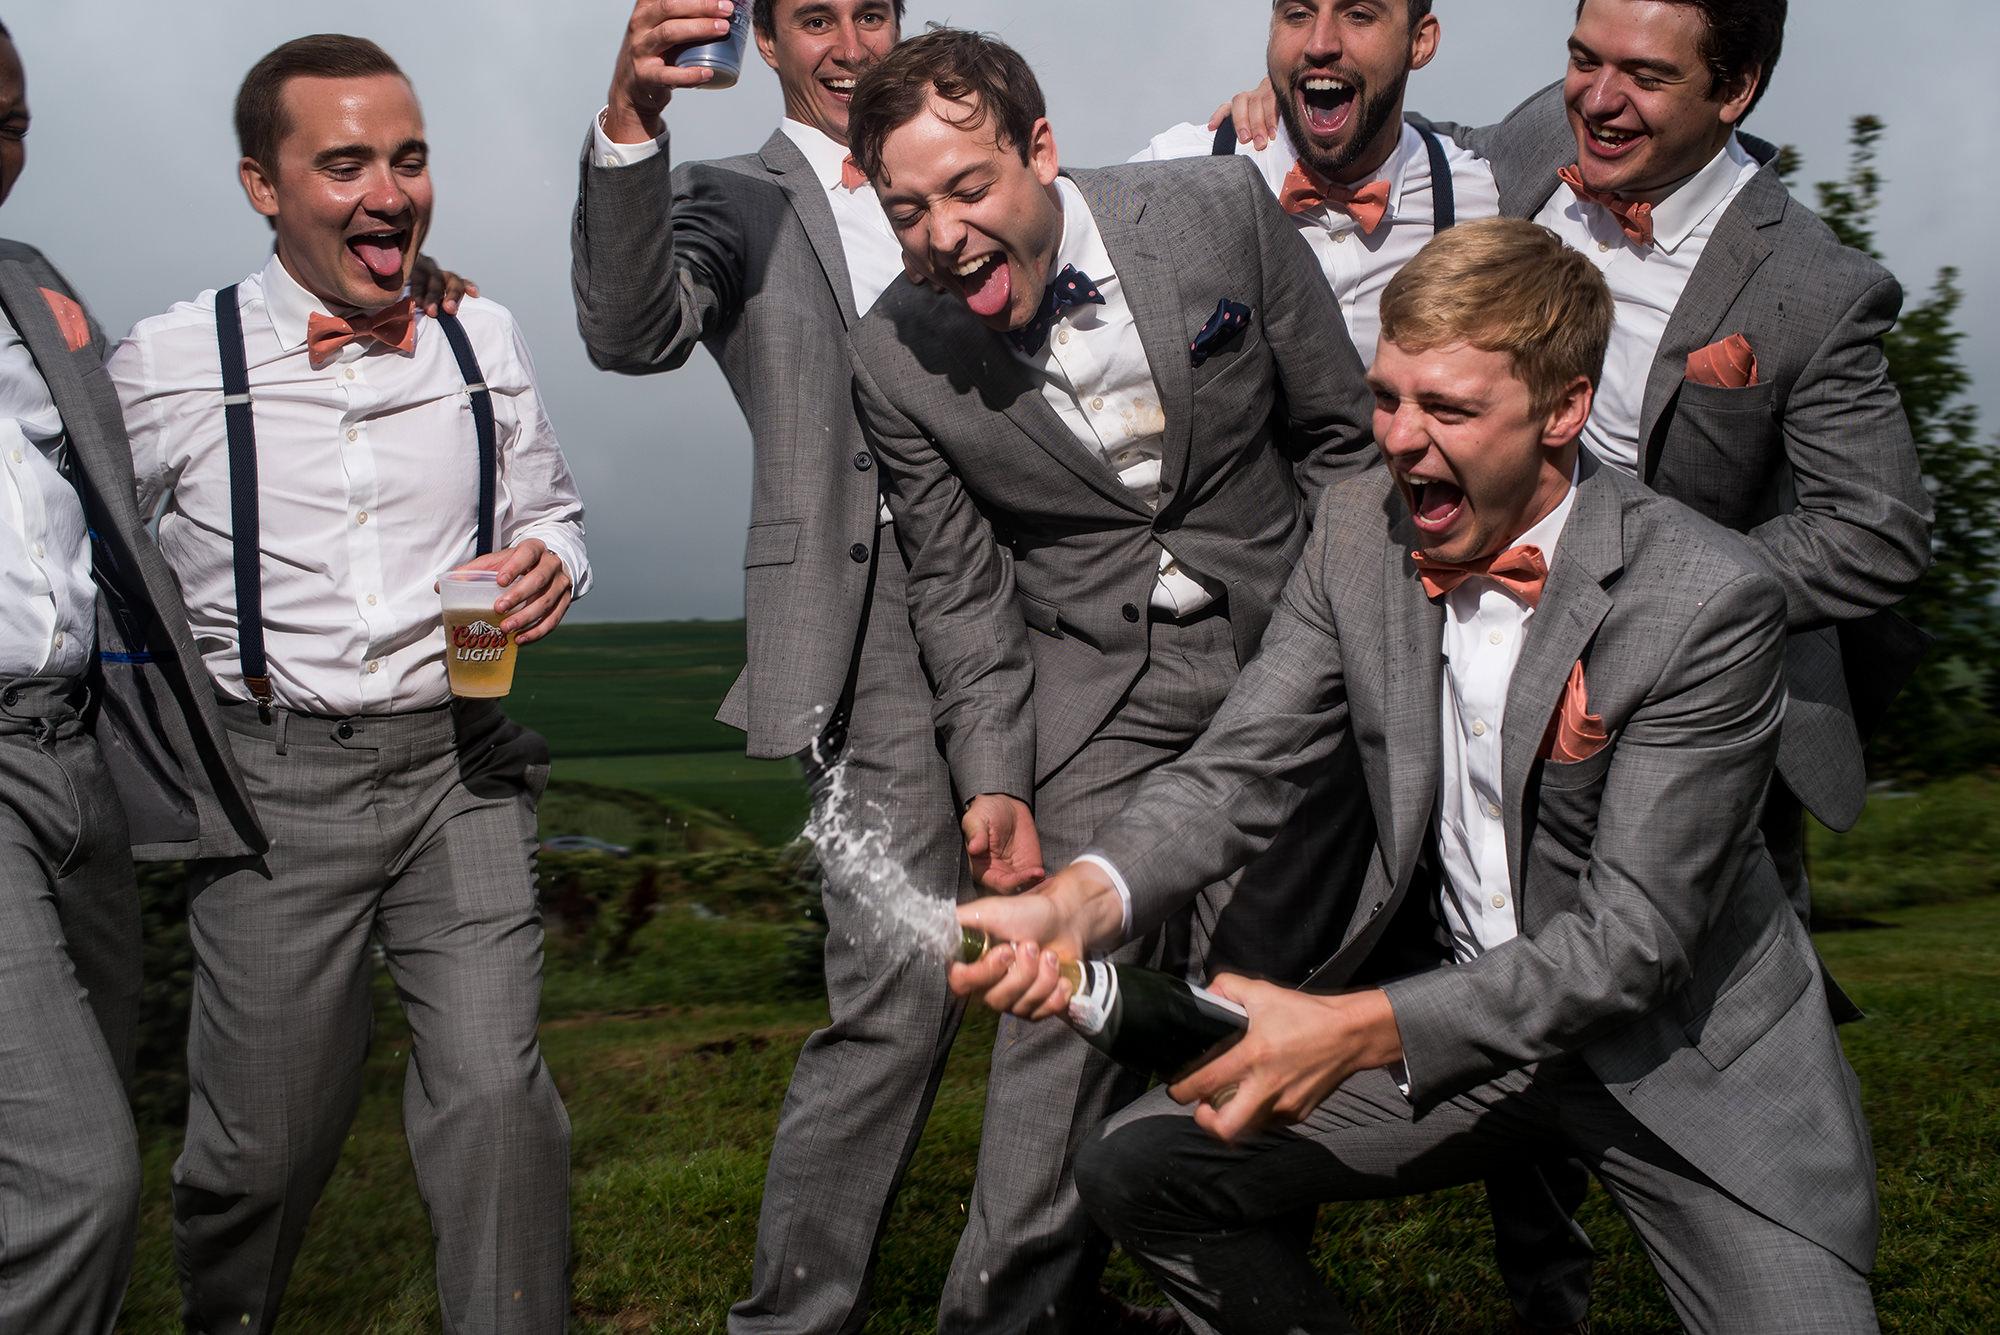 omaha candid wedding photographer_groomsmen